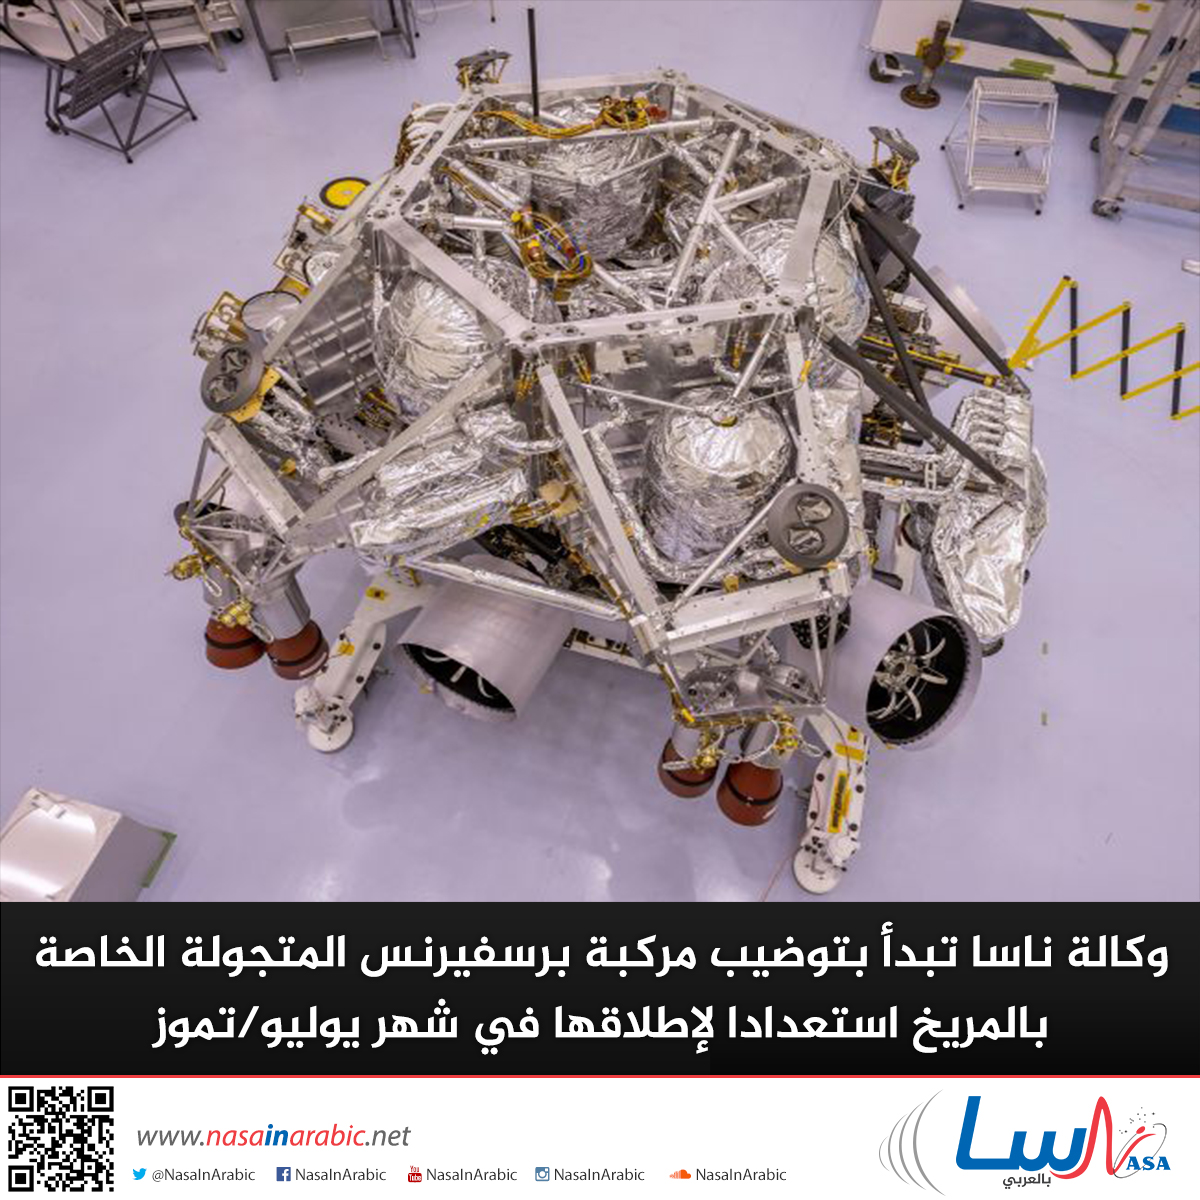 وكالة ناسا تبدأ بتوضيب مركبة برسفيرنس المتجولة الخاصة بالمريخ استعدادا لإطلاقها في شهر يوليو/تموز